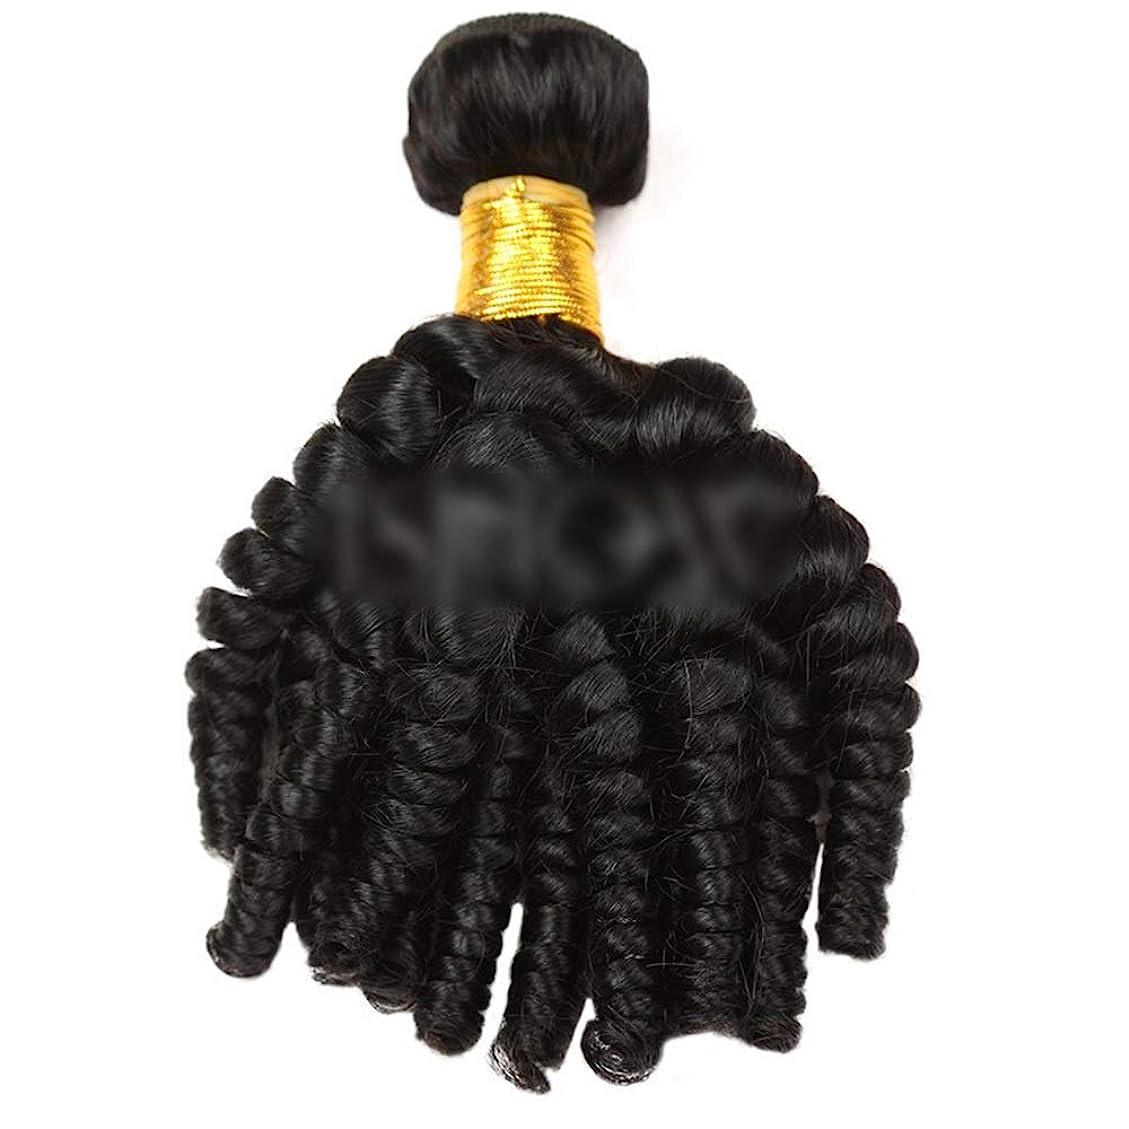 組み込む不適リマークBOBIDYEE Funmi巻き毛人間の髪の毛の束自然な黒髪エクステンション1バンドル髪横糸複合毛レースのかつらロールプレイングかつらロングとショートの女性自然 (色 : 黒, サイズ : 12 inch)